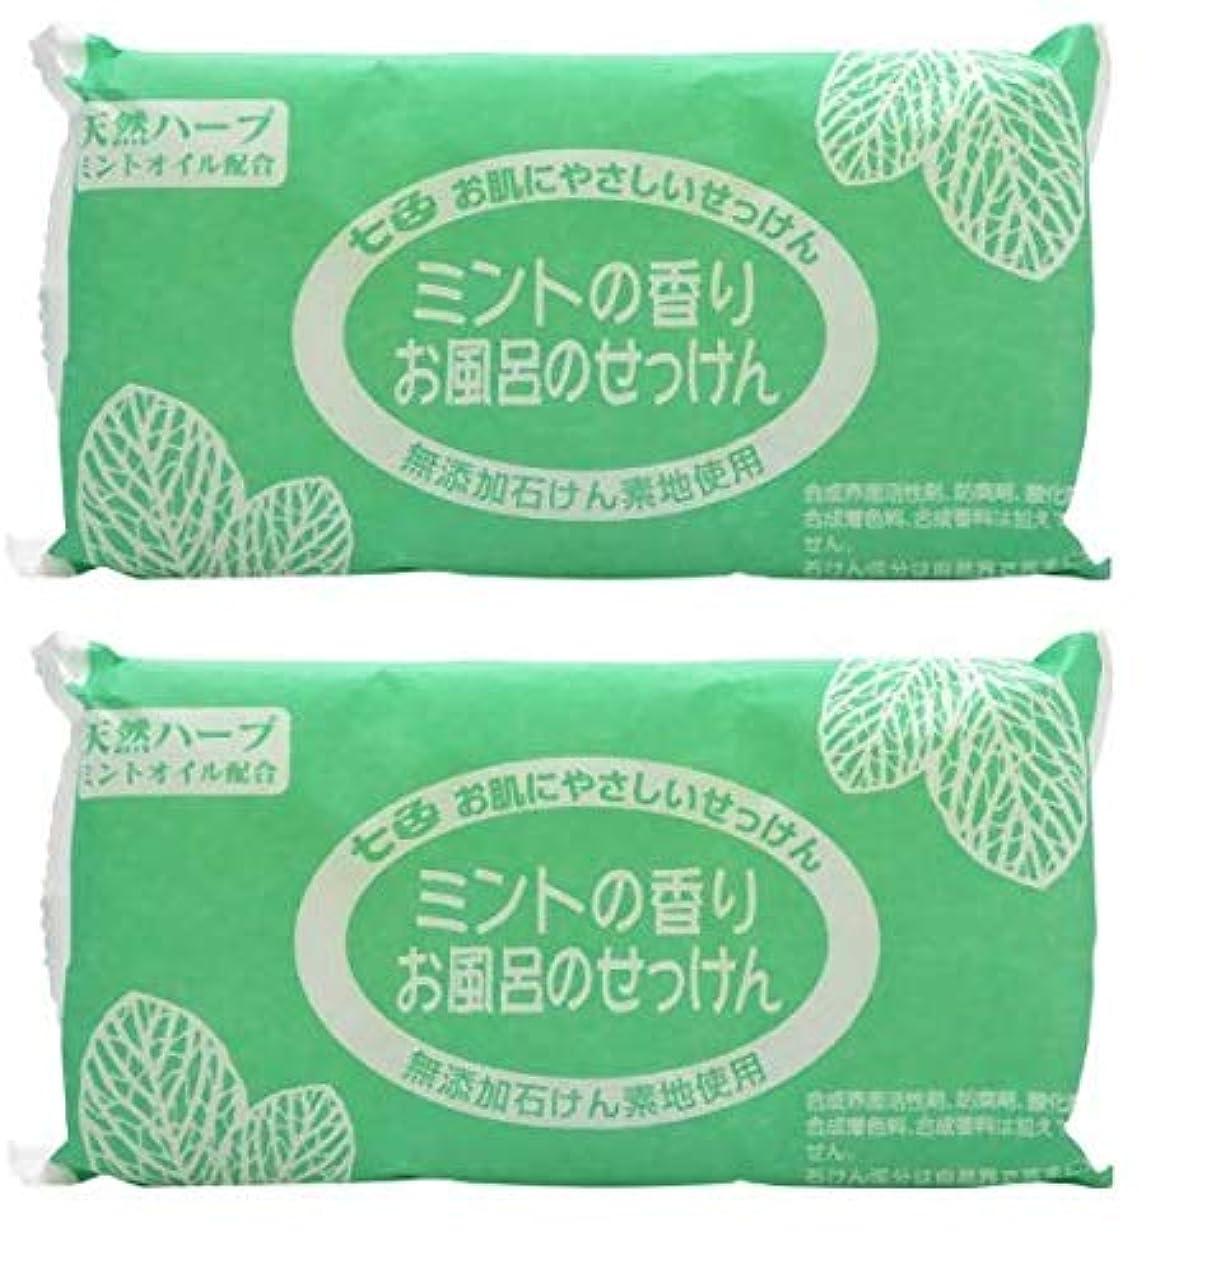 ブルジョン年齢小麦七色 お風呂のせっけん ミントの香り(無添加石鹸) 100g×6個入